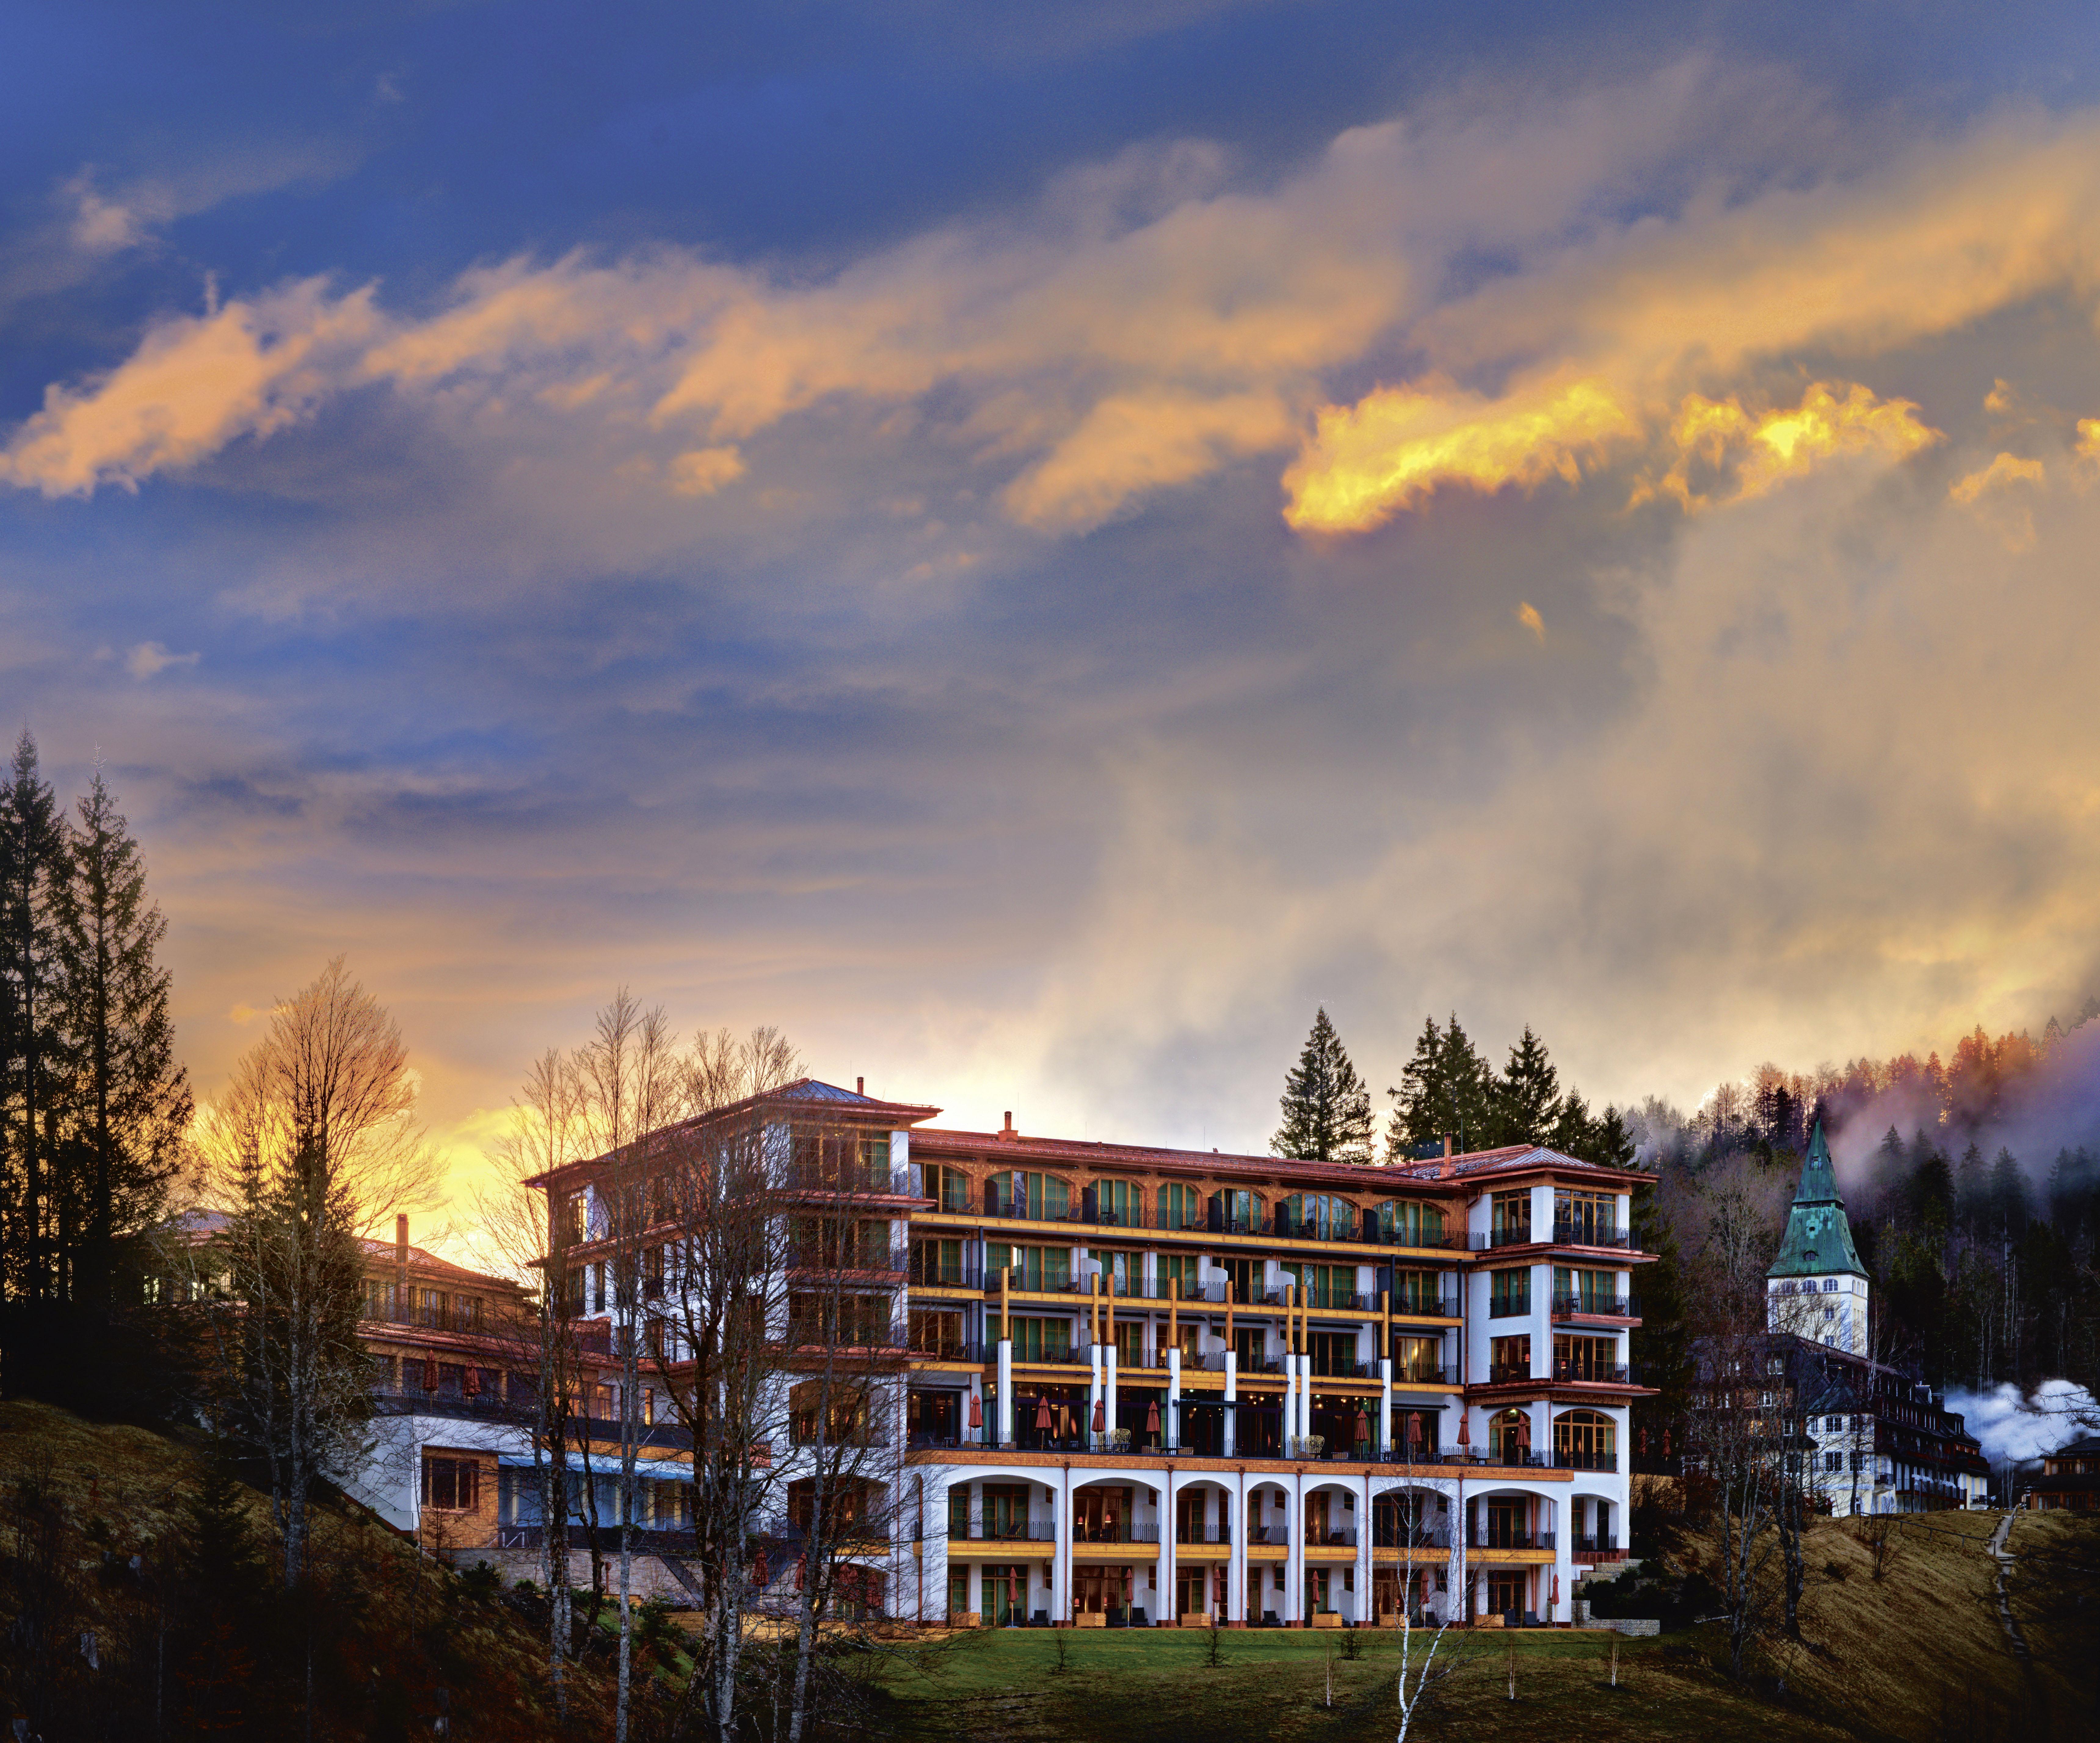 Schloss Elmau in Garmisch-Partenkirchen